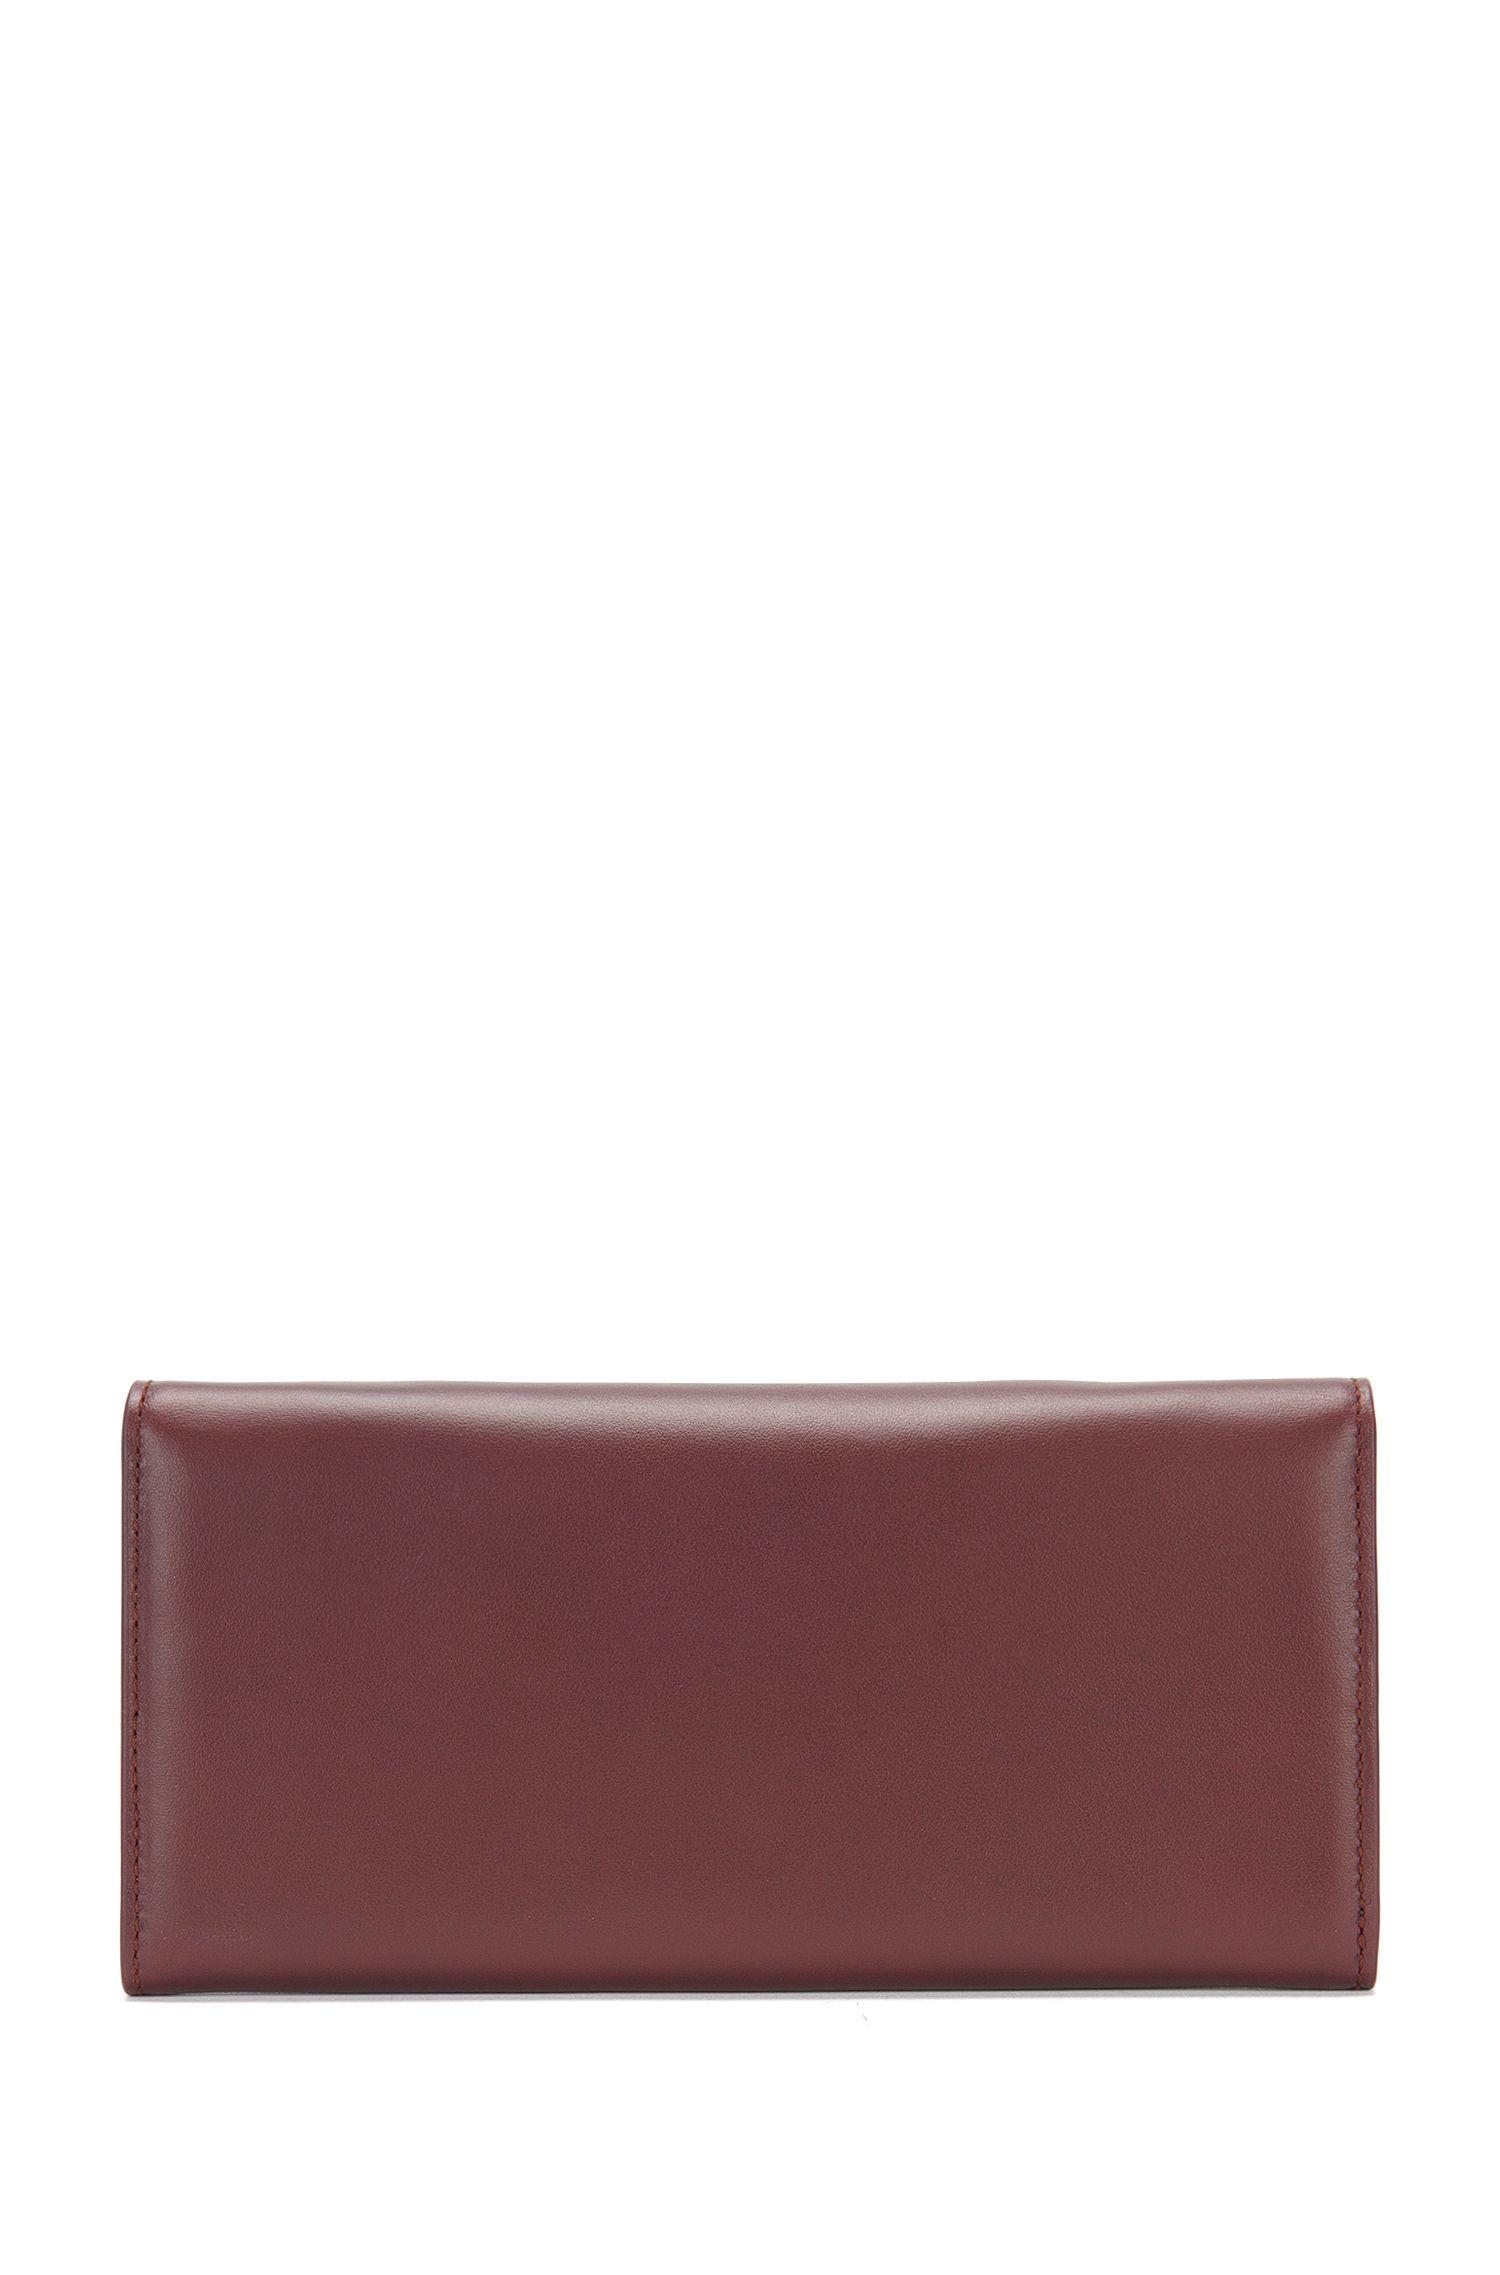 Portefeuille BOSS Bespoke en cuir avec chaîne métallique amovible